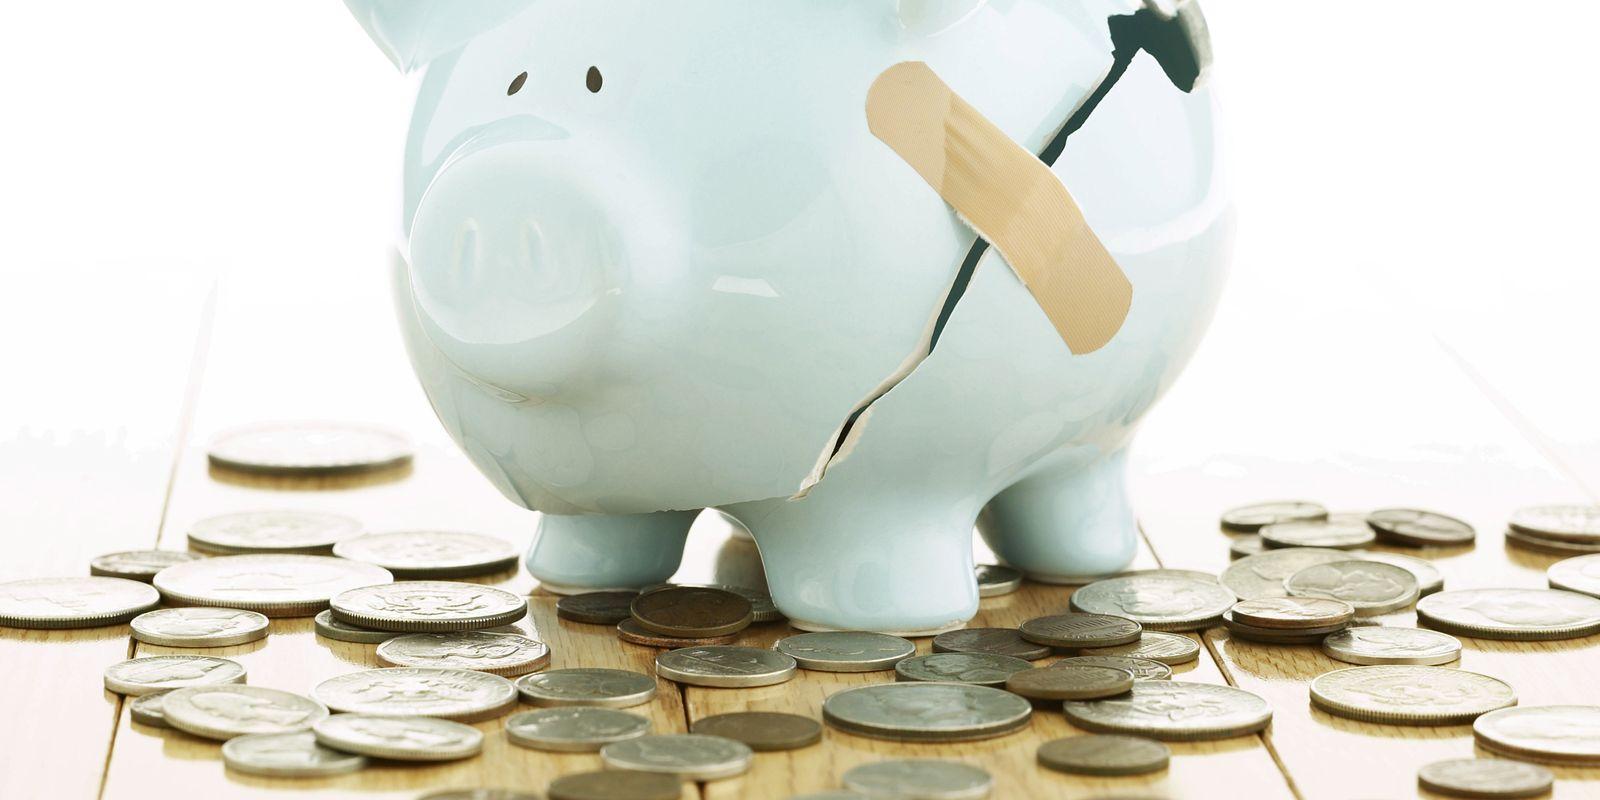 Як можна зруйнувати економіку країни одним словом: Укрінформ - Україна, Економіка, гривня, валюта - 9250